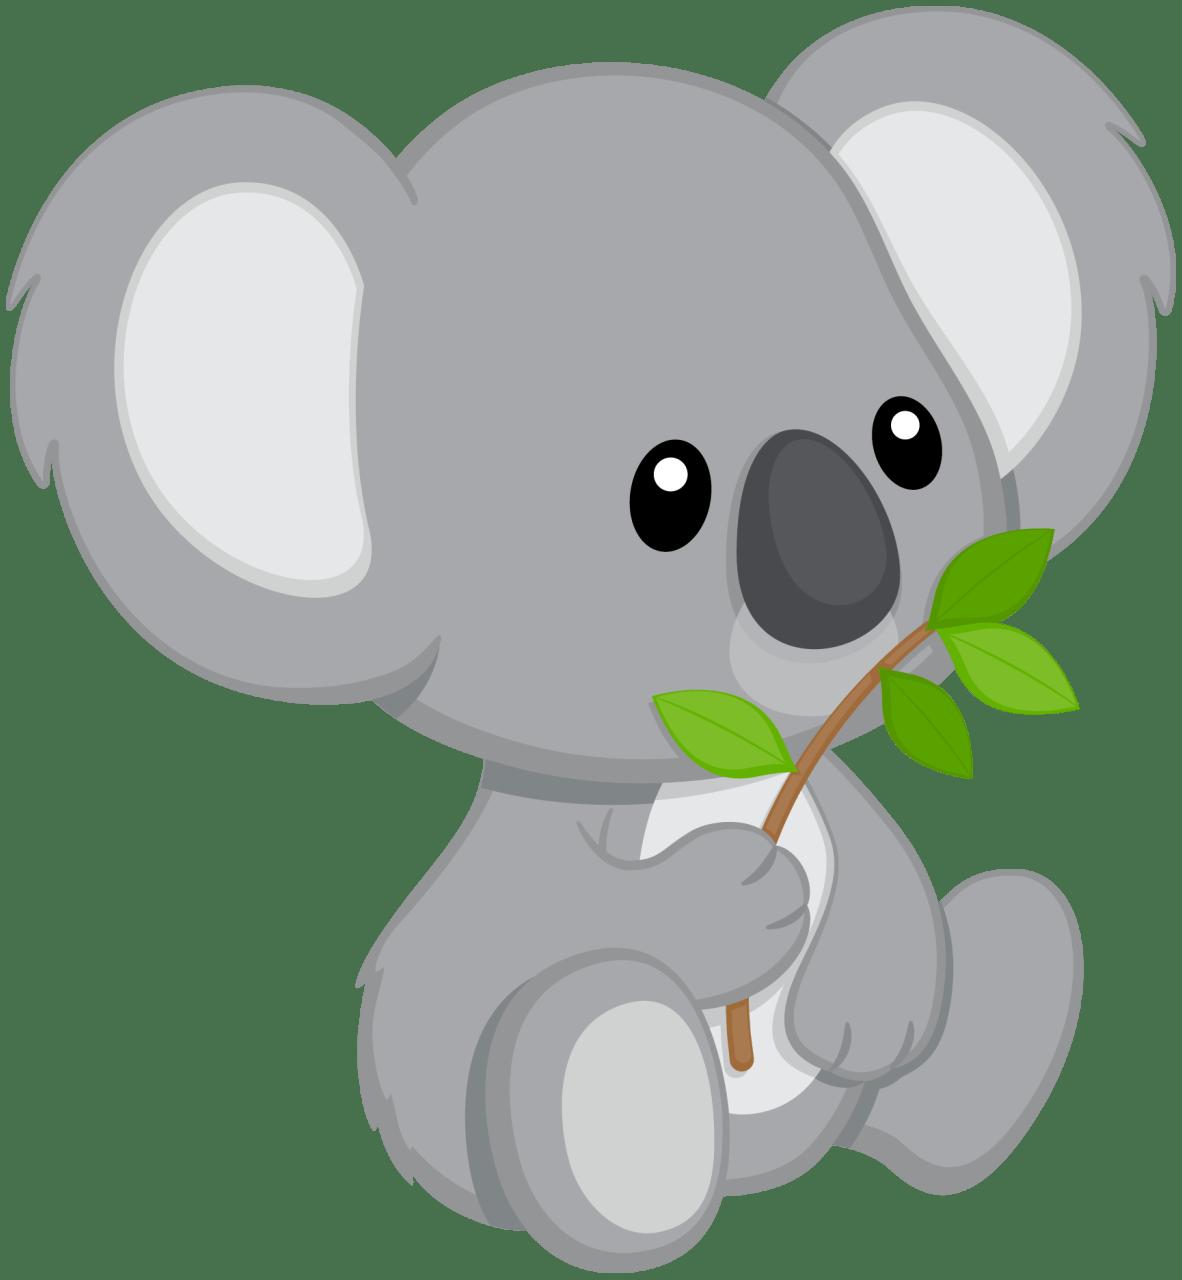 Фото, автор ladylony на Яндекс.Фотках Koalas Pinterest